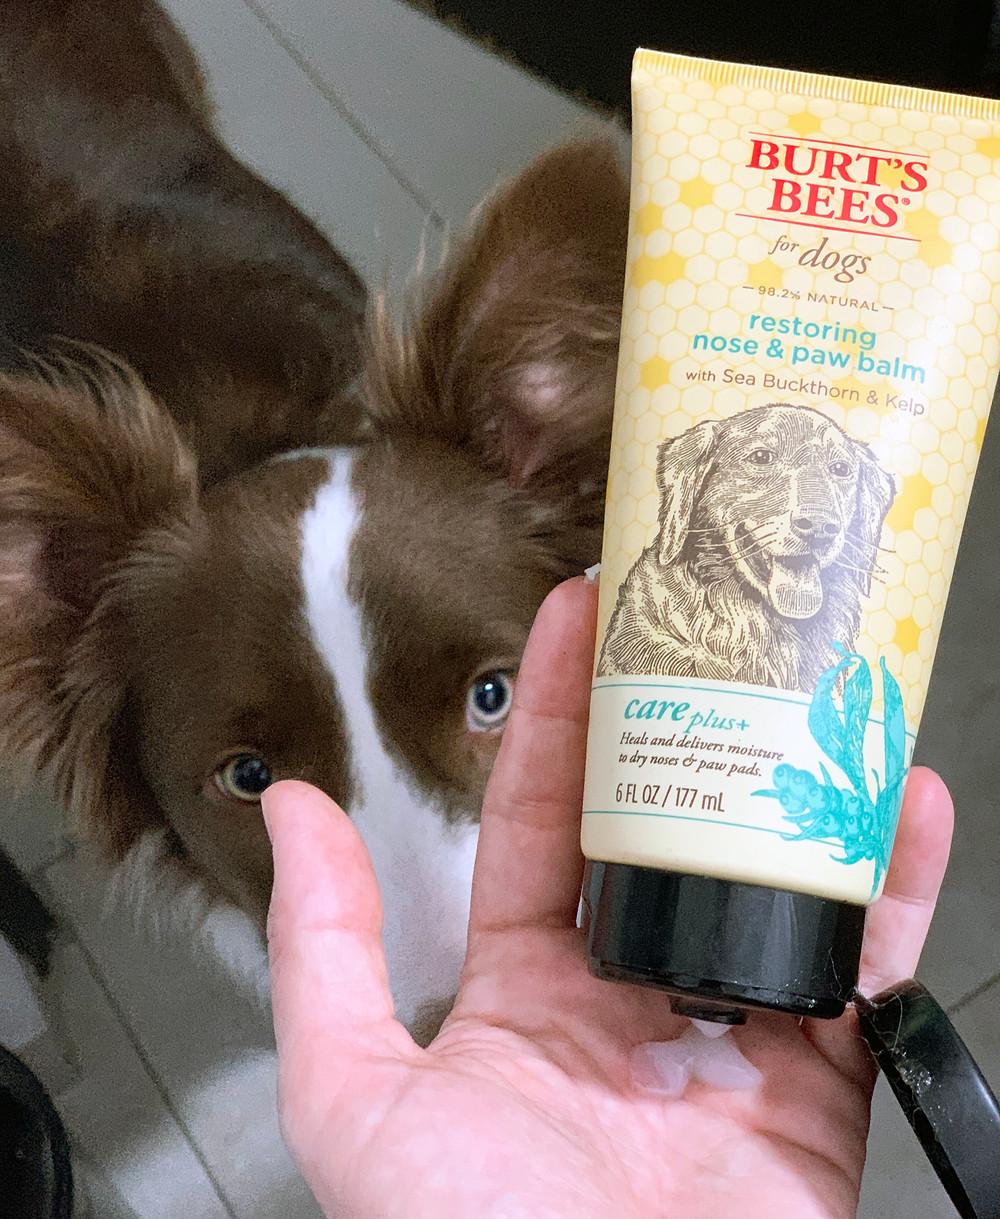 Gel humectante para cojinetes de las patas de perro.